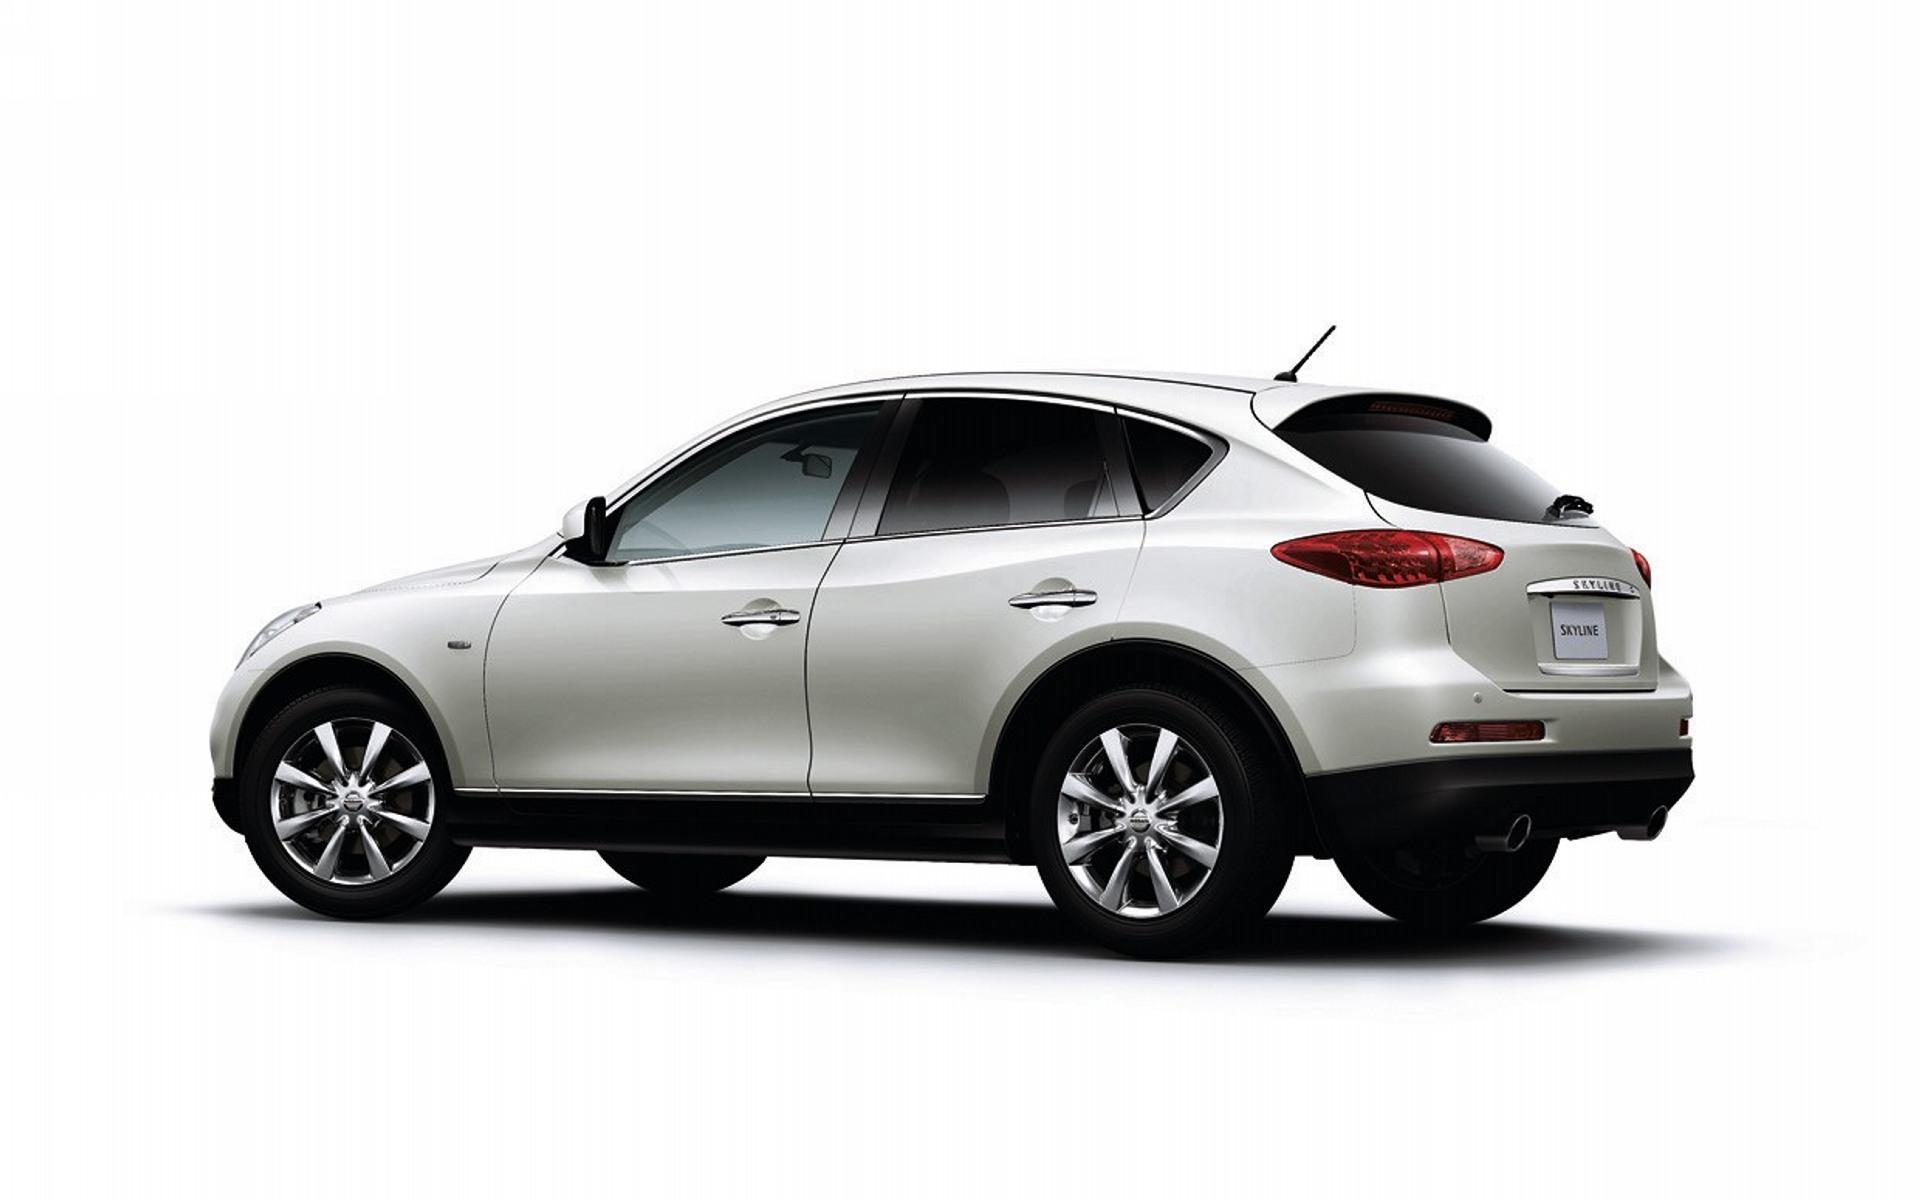 2010 Nissan Skyline Crossover Conceptcarz Com